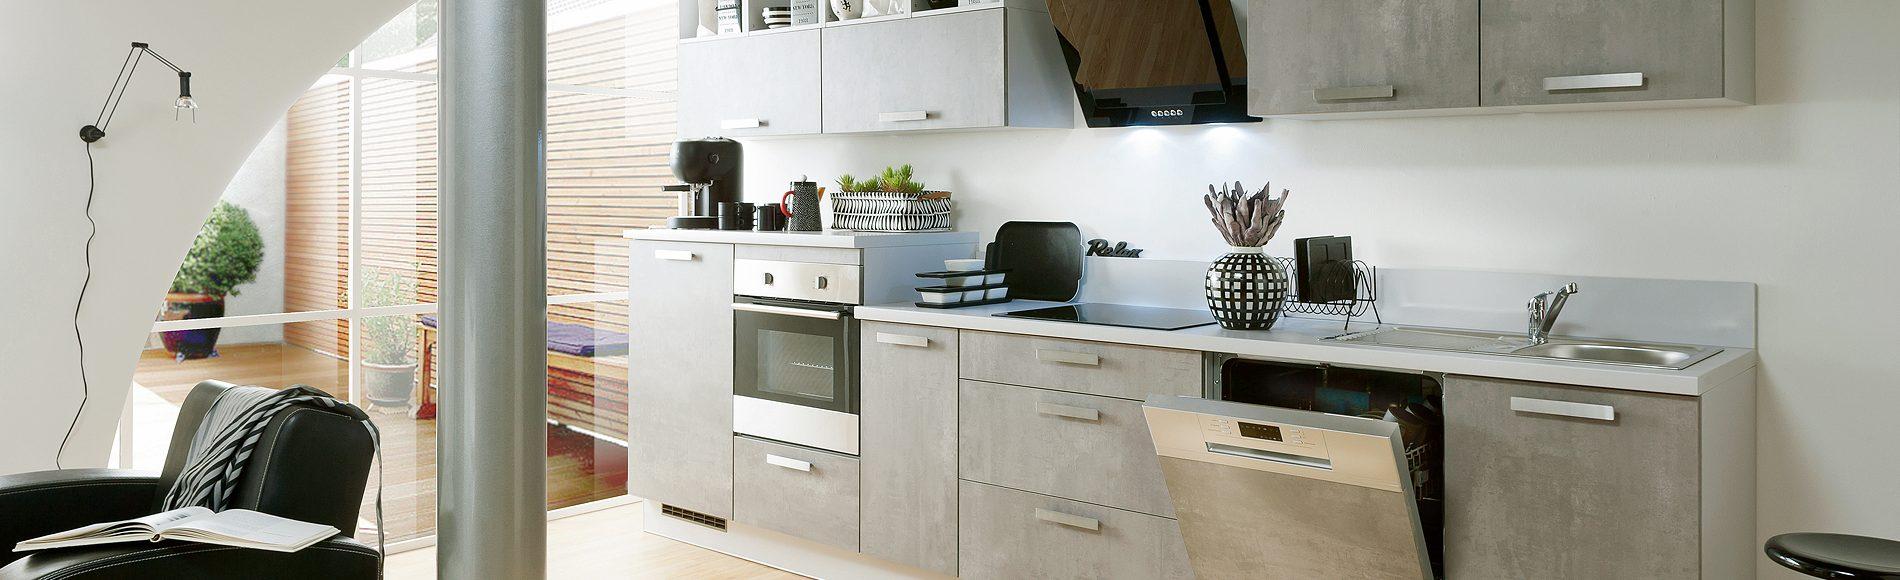 Full Size of Küche Günstig Planen Und Kaufen Arbeitsplatte Für Küche Günstig Kaufen Küchen Günstig Kaufen Wuppertal Küche Günstig Kaufen Nrw Küche Küche Kaufen Günstig